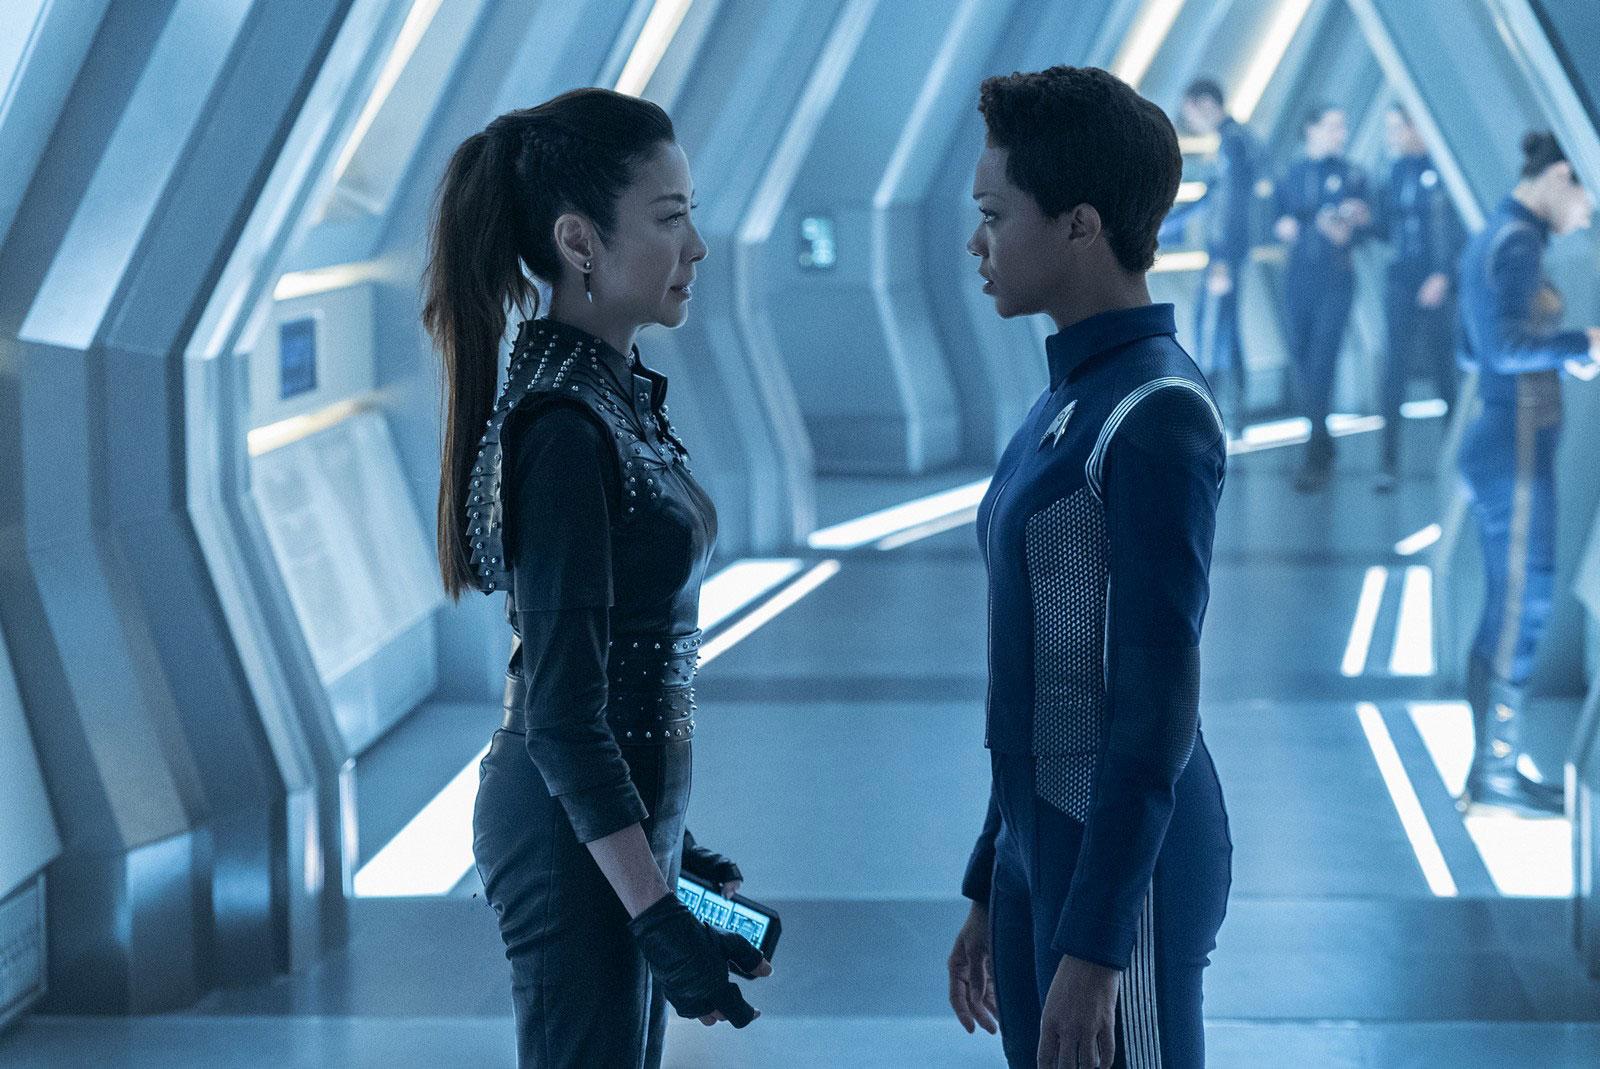 Michelle Yeoh as Philippa Georgiou and Sonequa Martin-Green as Michael Burnham